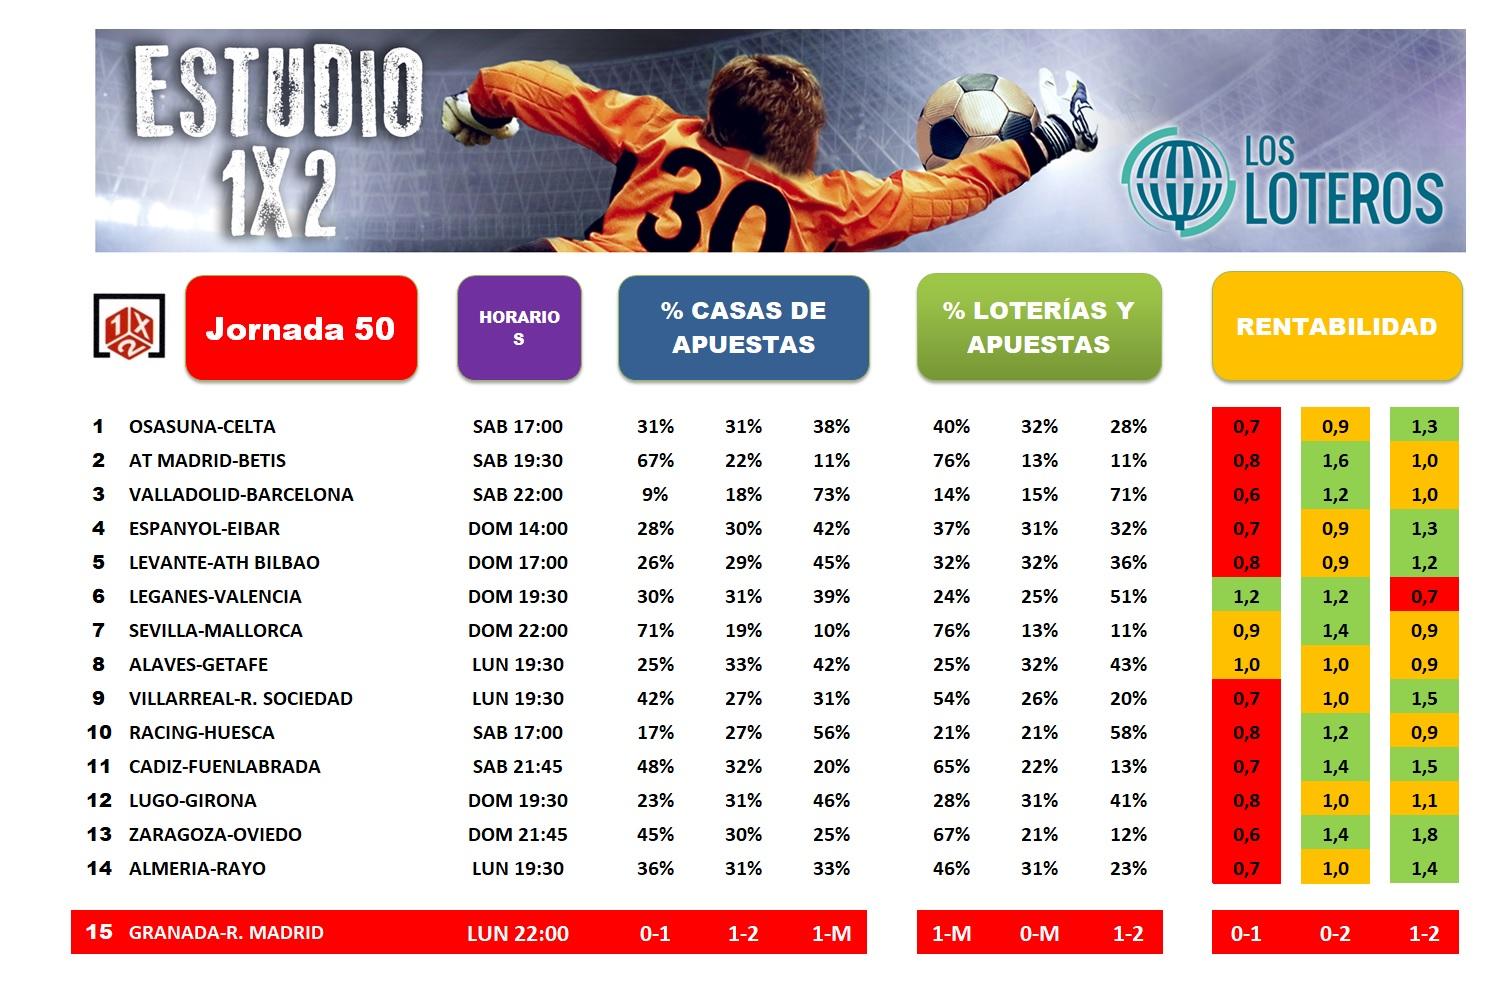 estudio1x2 j50